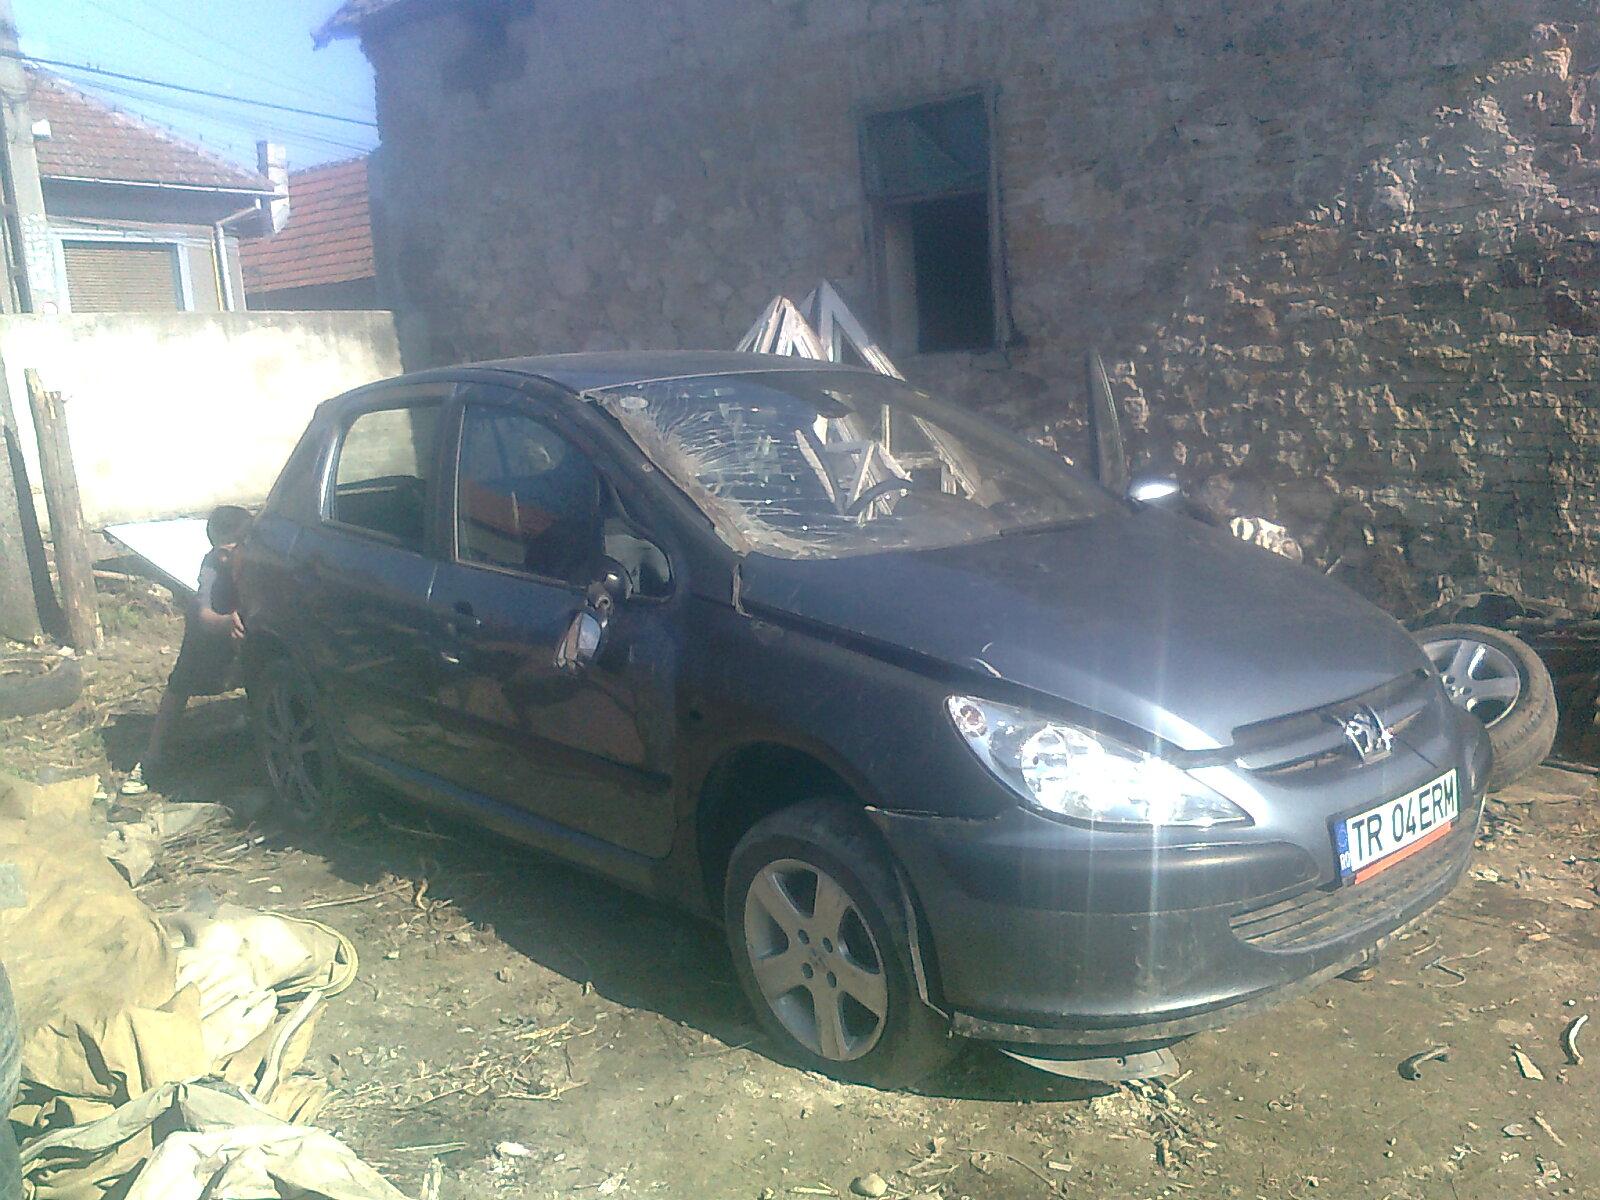 Peugeot 307 avariat 2006 Benzina Hatchback - 19 Iunie 2011 - Poza 2